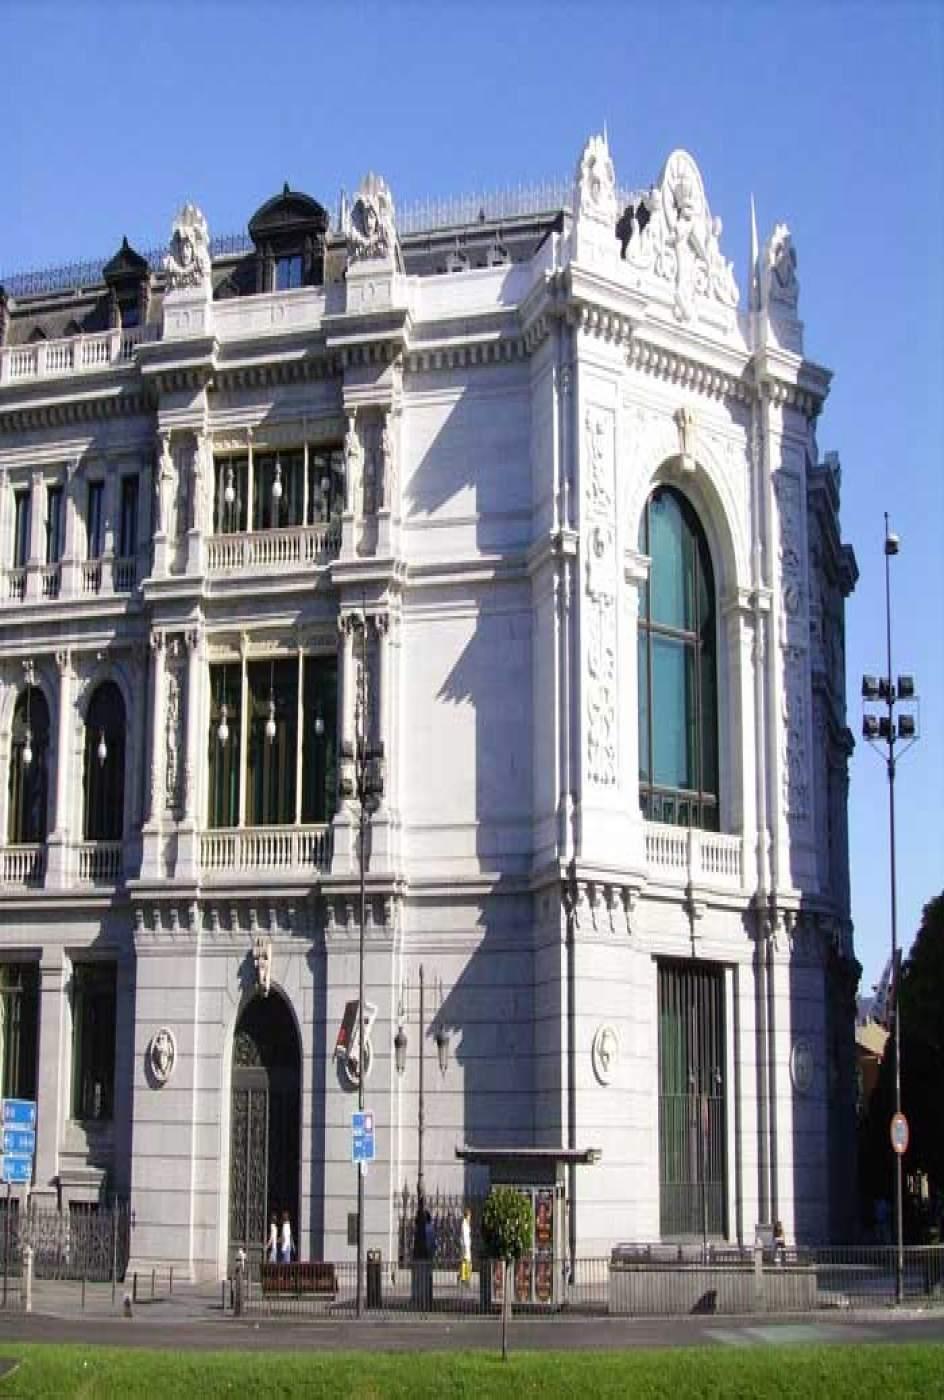 El banco de espa a cerrar siete de sus 22 sucursales en for Sucursales banco espana